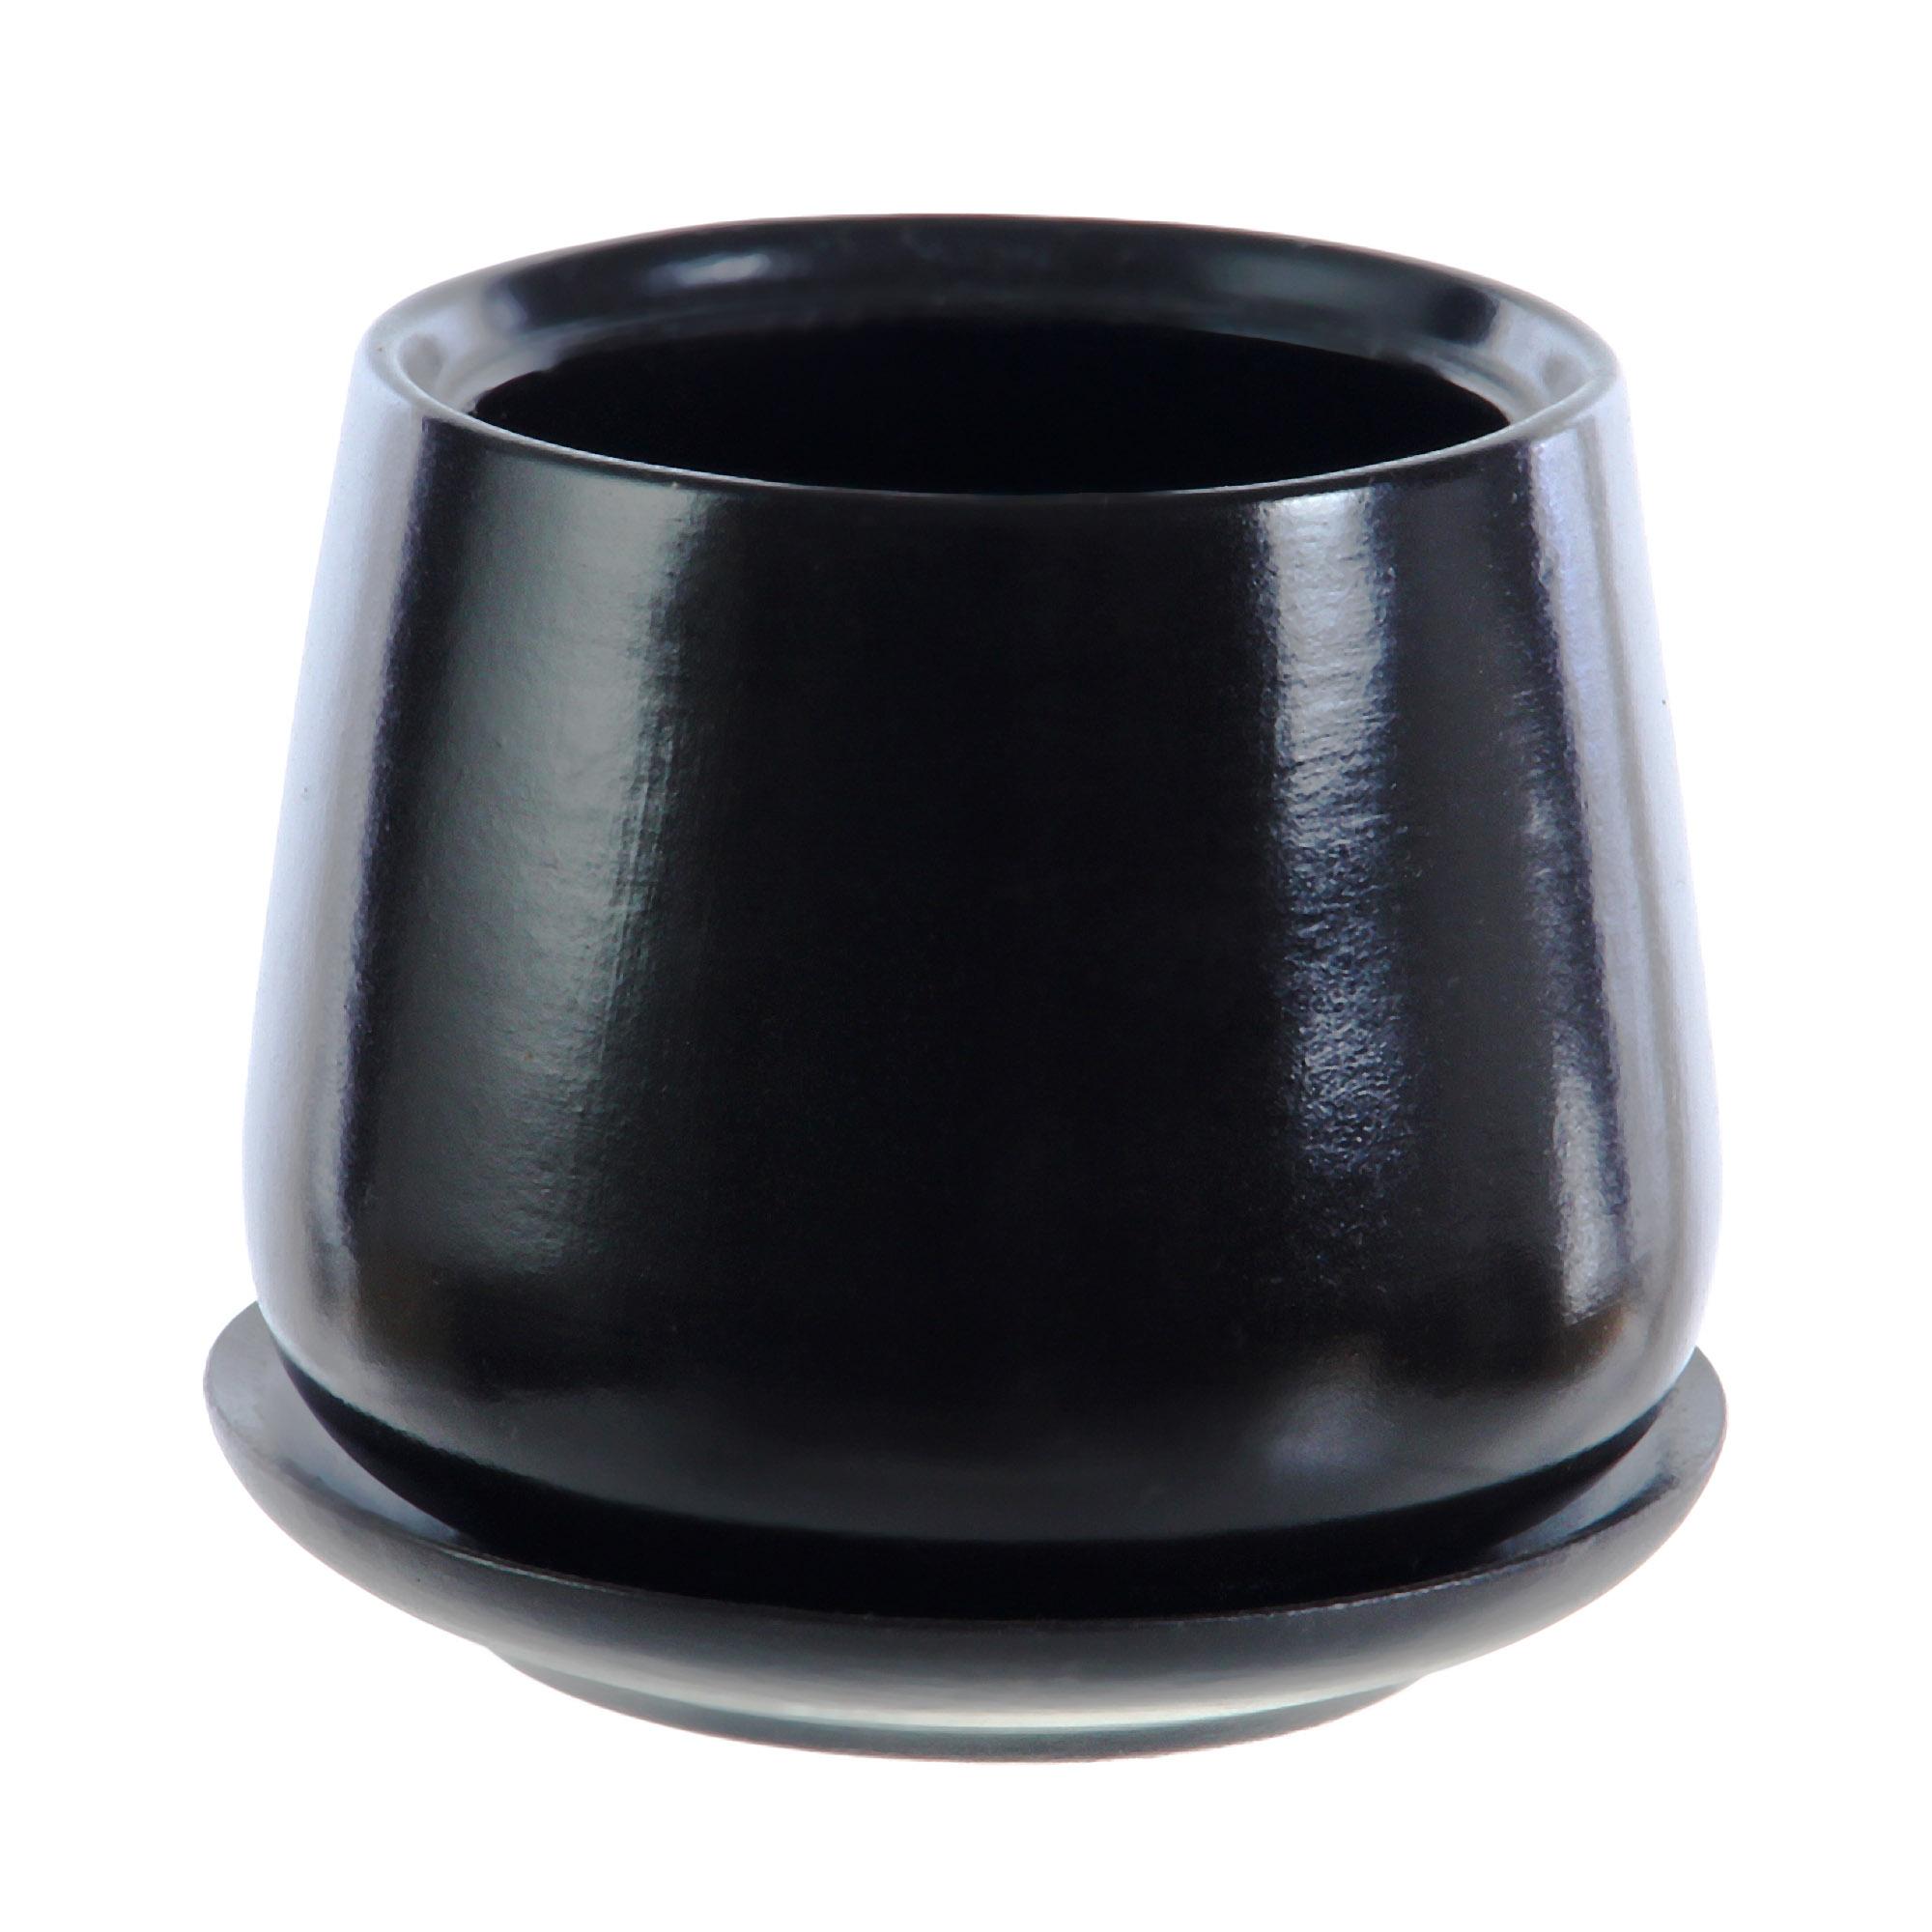 Горшки для цветов Гончар декоративные скарлет №3 (черный)